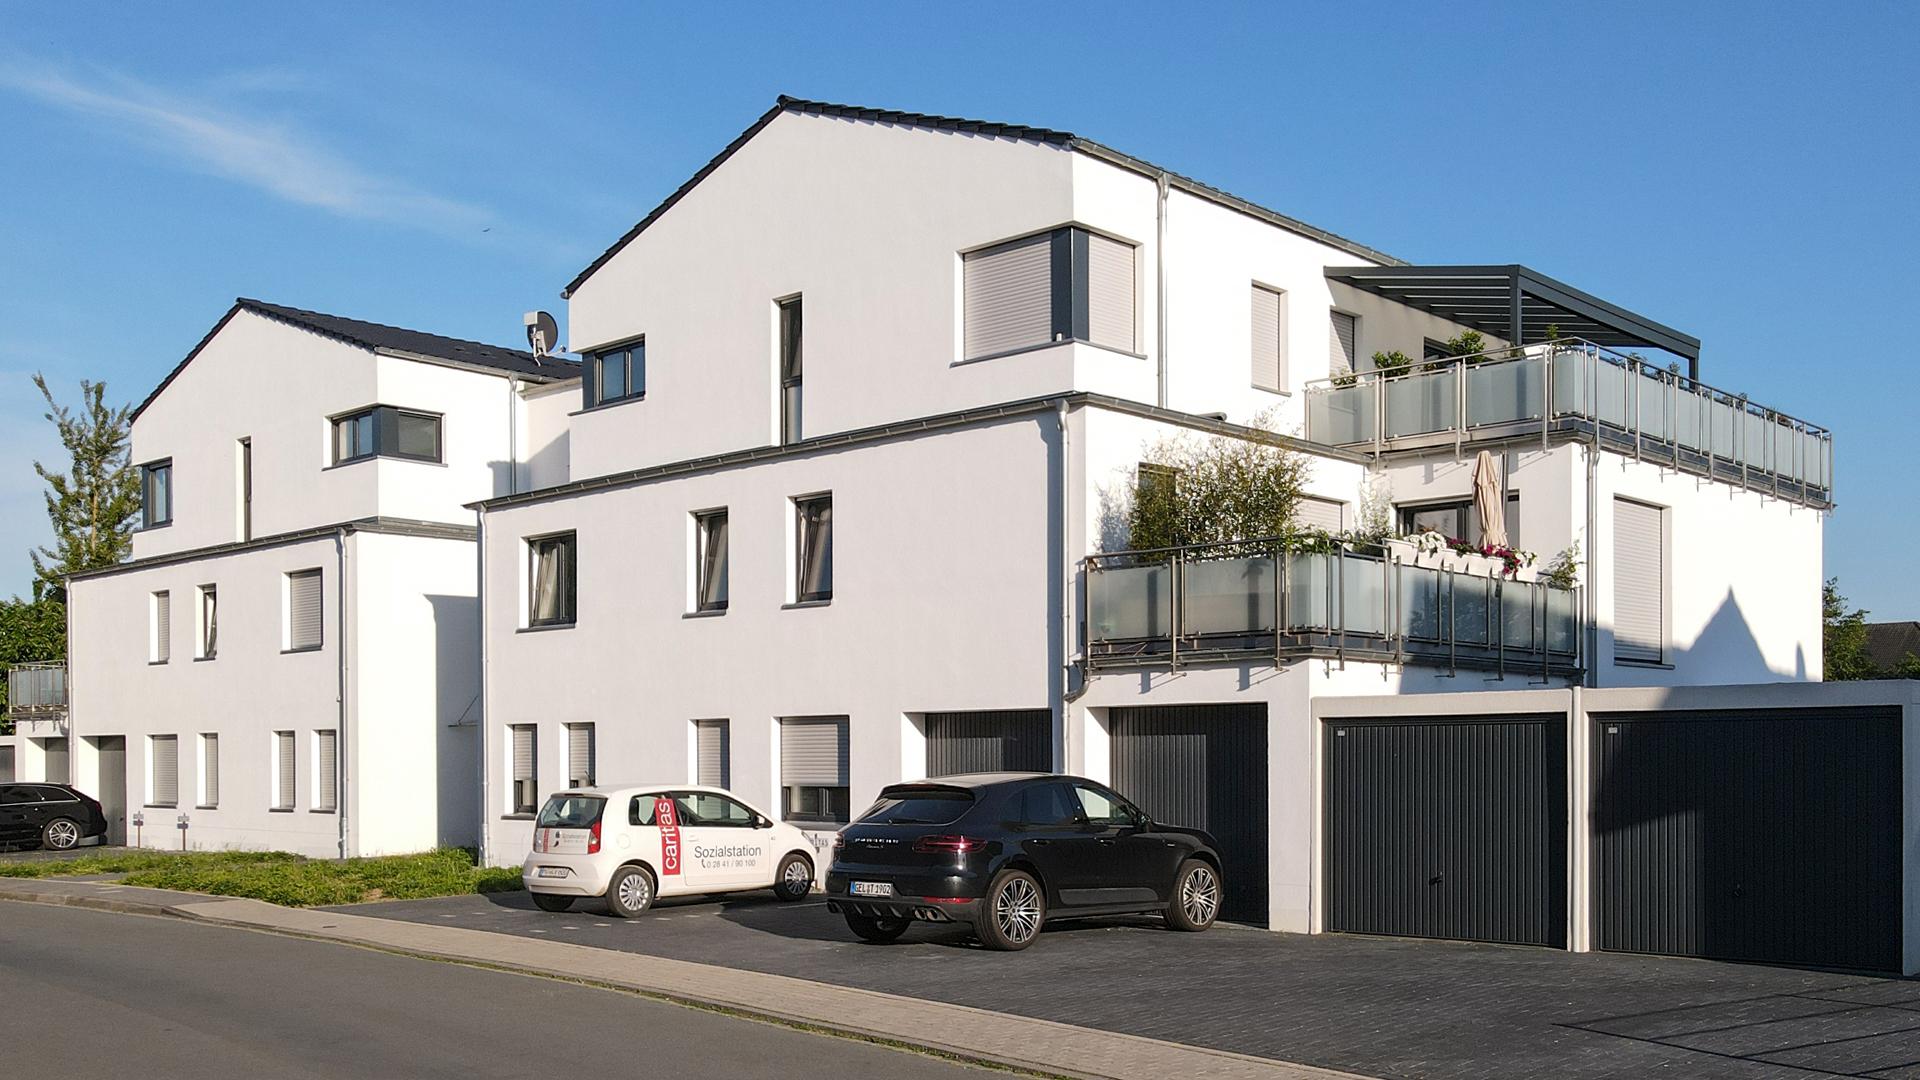 Mehrfamilienwohnhaus mit Garagen und Carportanlage - malesevic bauunternehmung mores